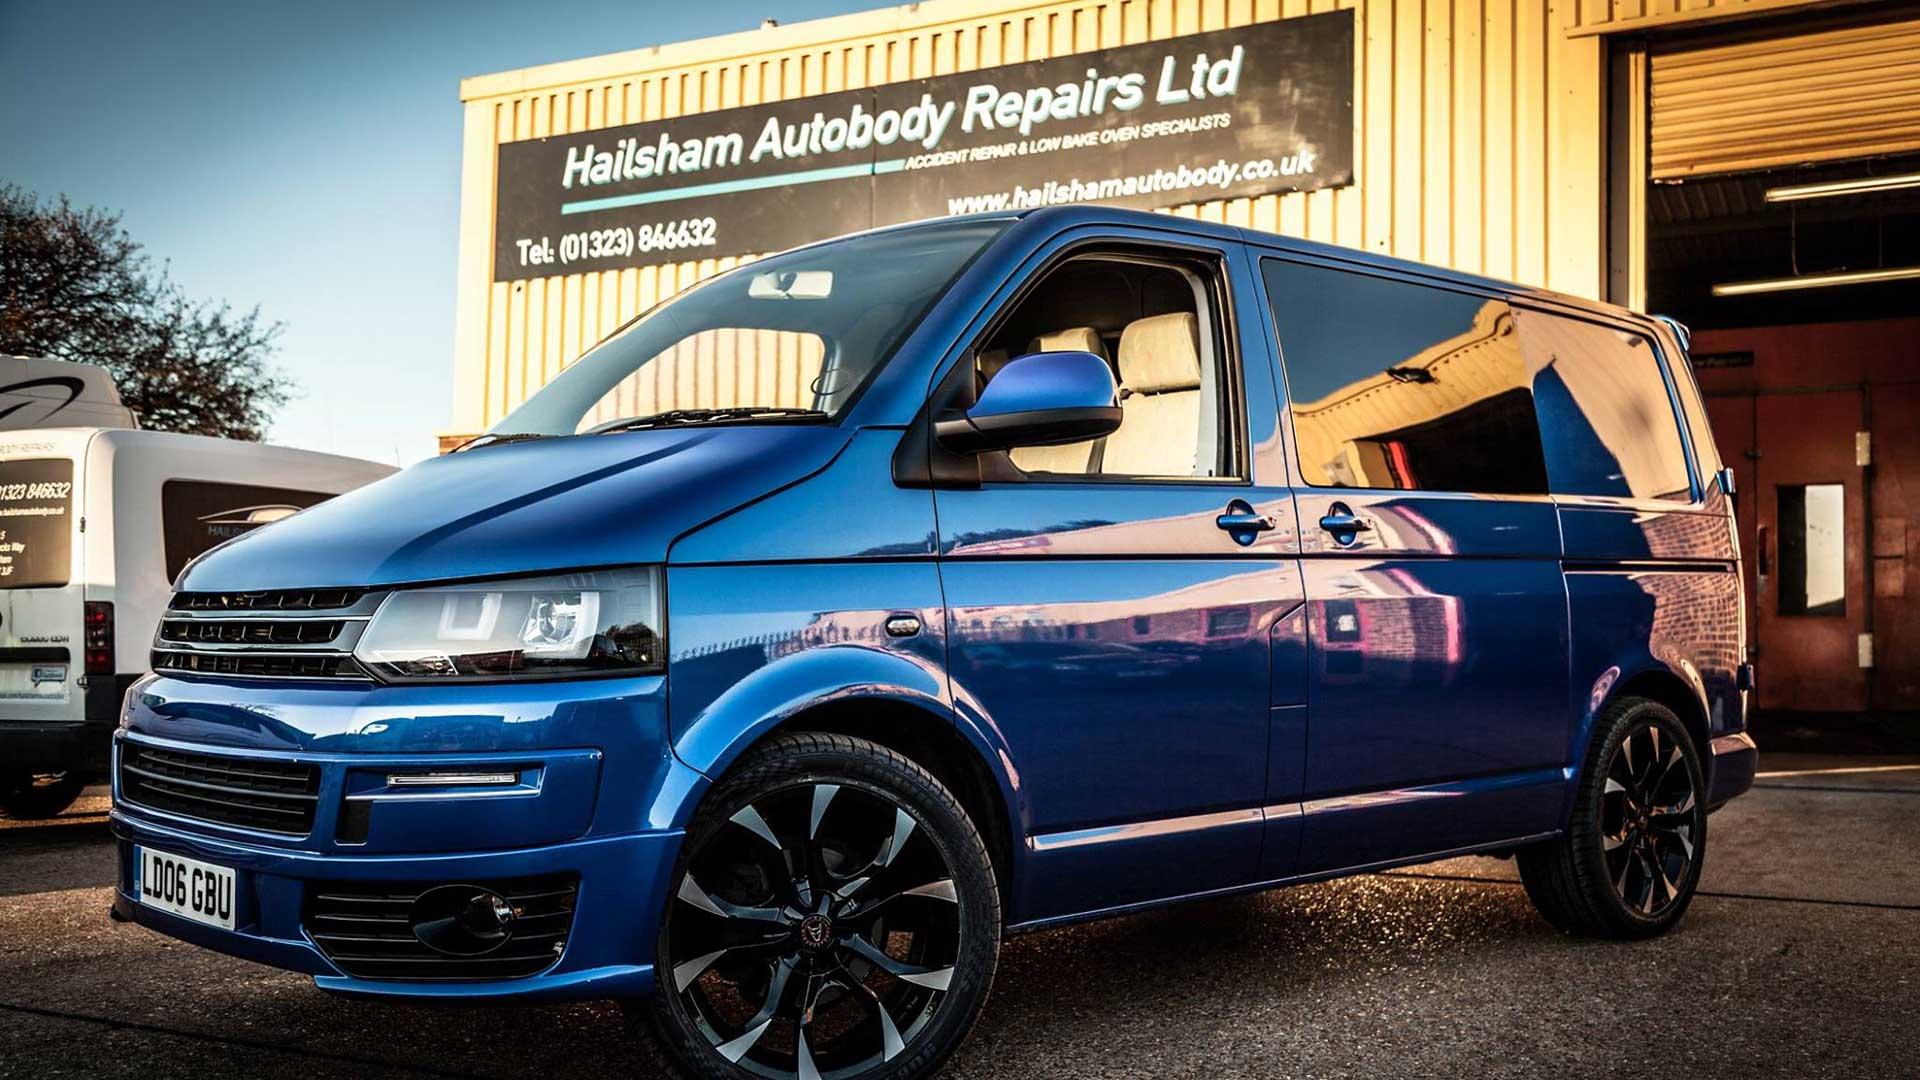 A pristine van outside Hailsham Autobody's workshop